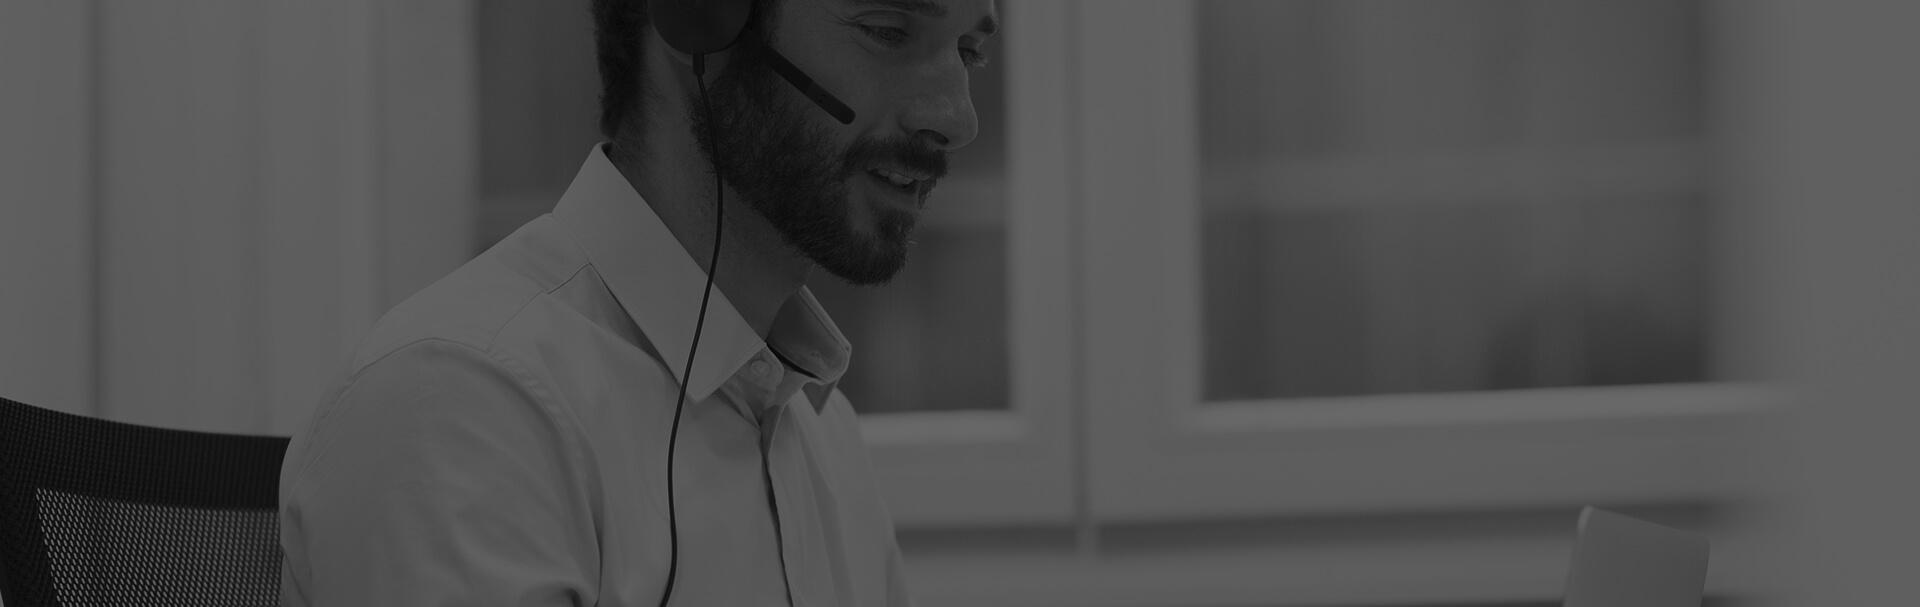 Cloud TPE PME - Services Informatiques Connexes - Responsable Informatique Externe